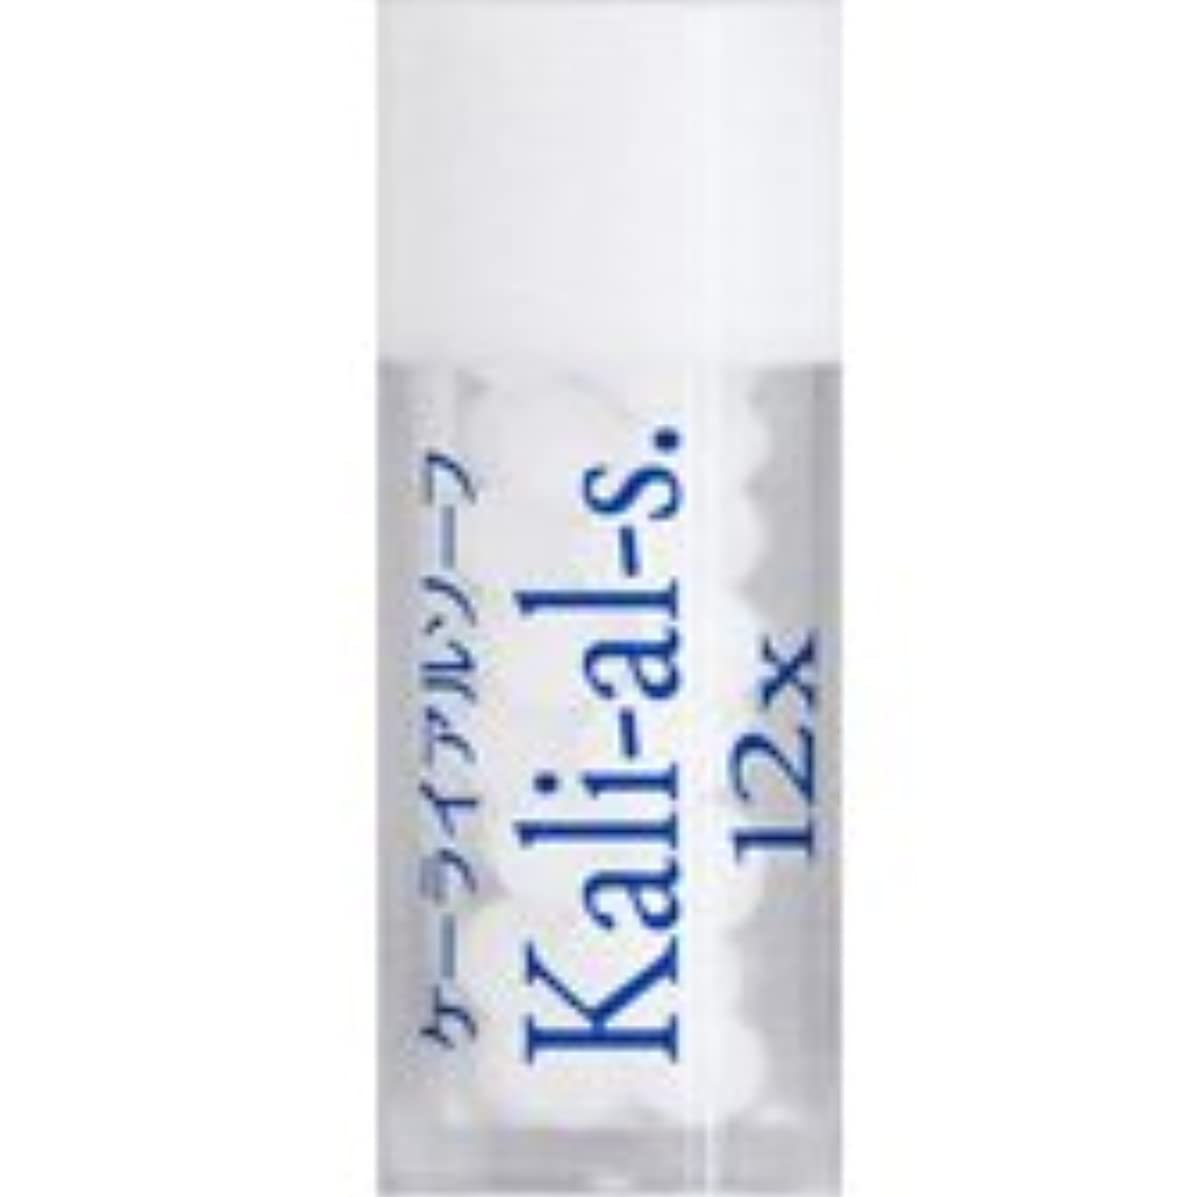 入学する襲撃隔離する36バイタルエレメントキット 対応 各種 (17)Kali-al-s.12X ケーライアルソーフ)